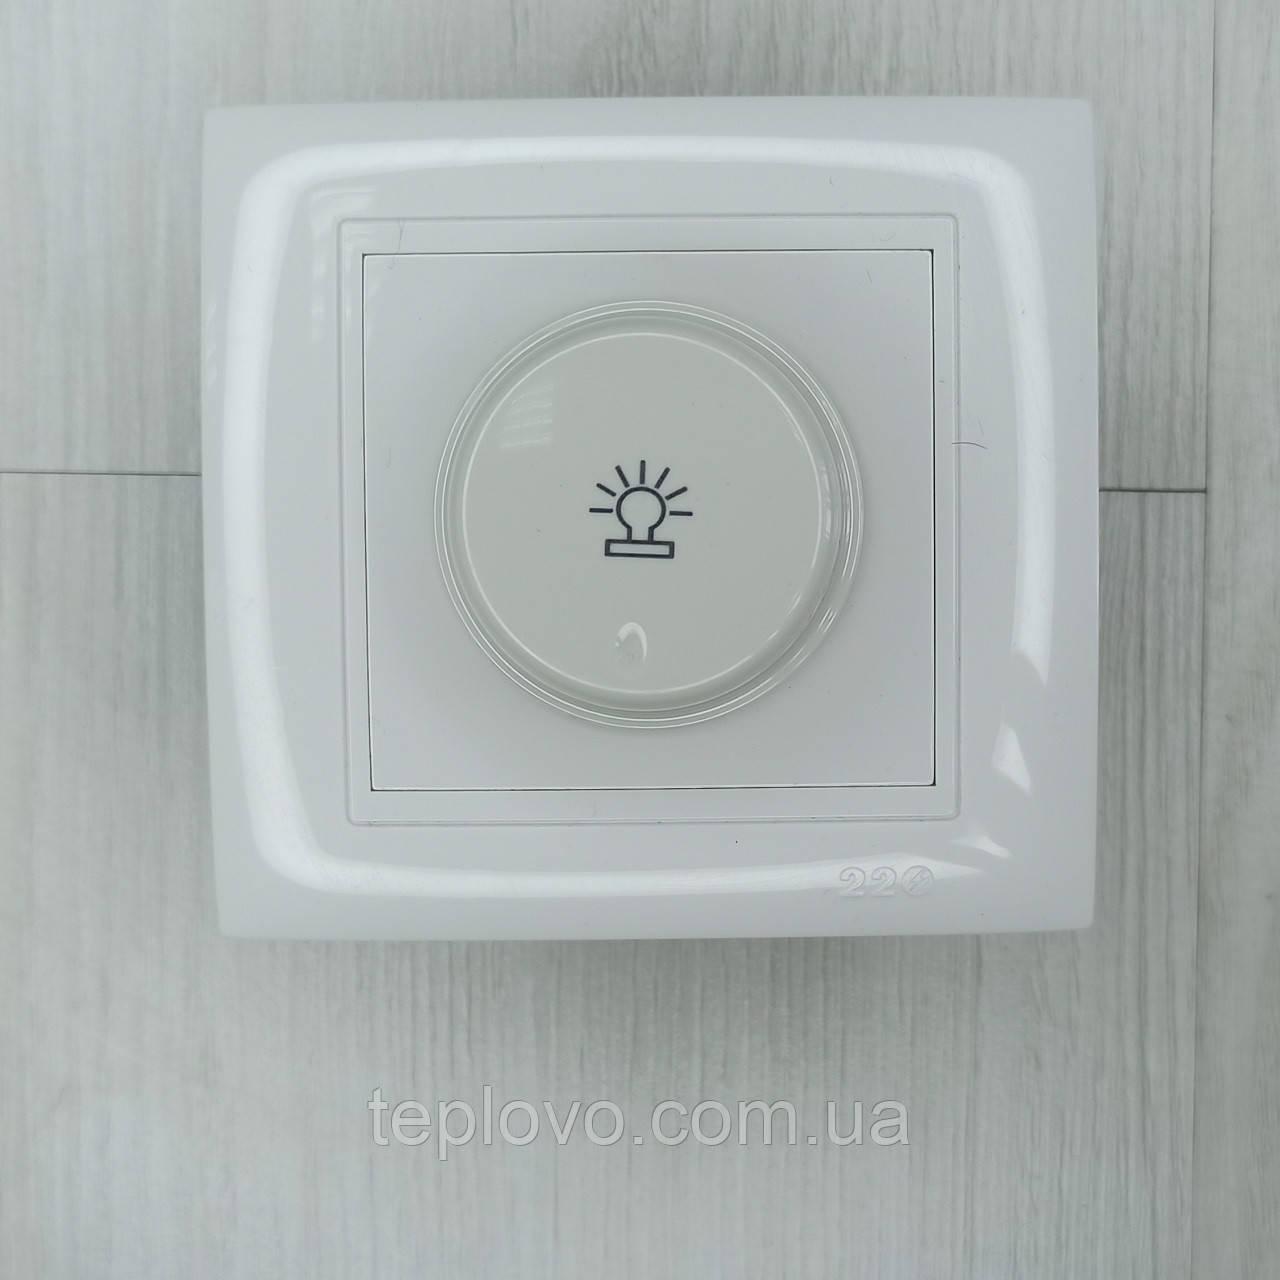 Диммер (реостат) универсальный белый, 500 Вт, светорегулятор